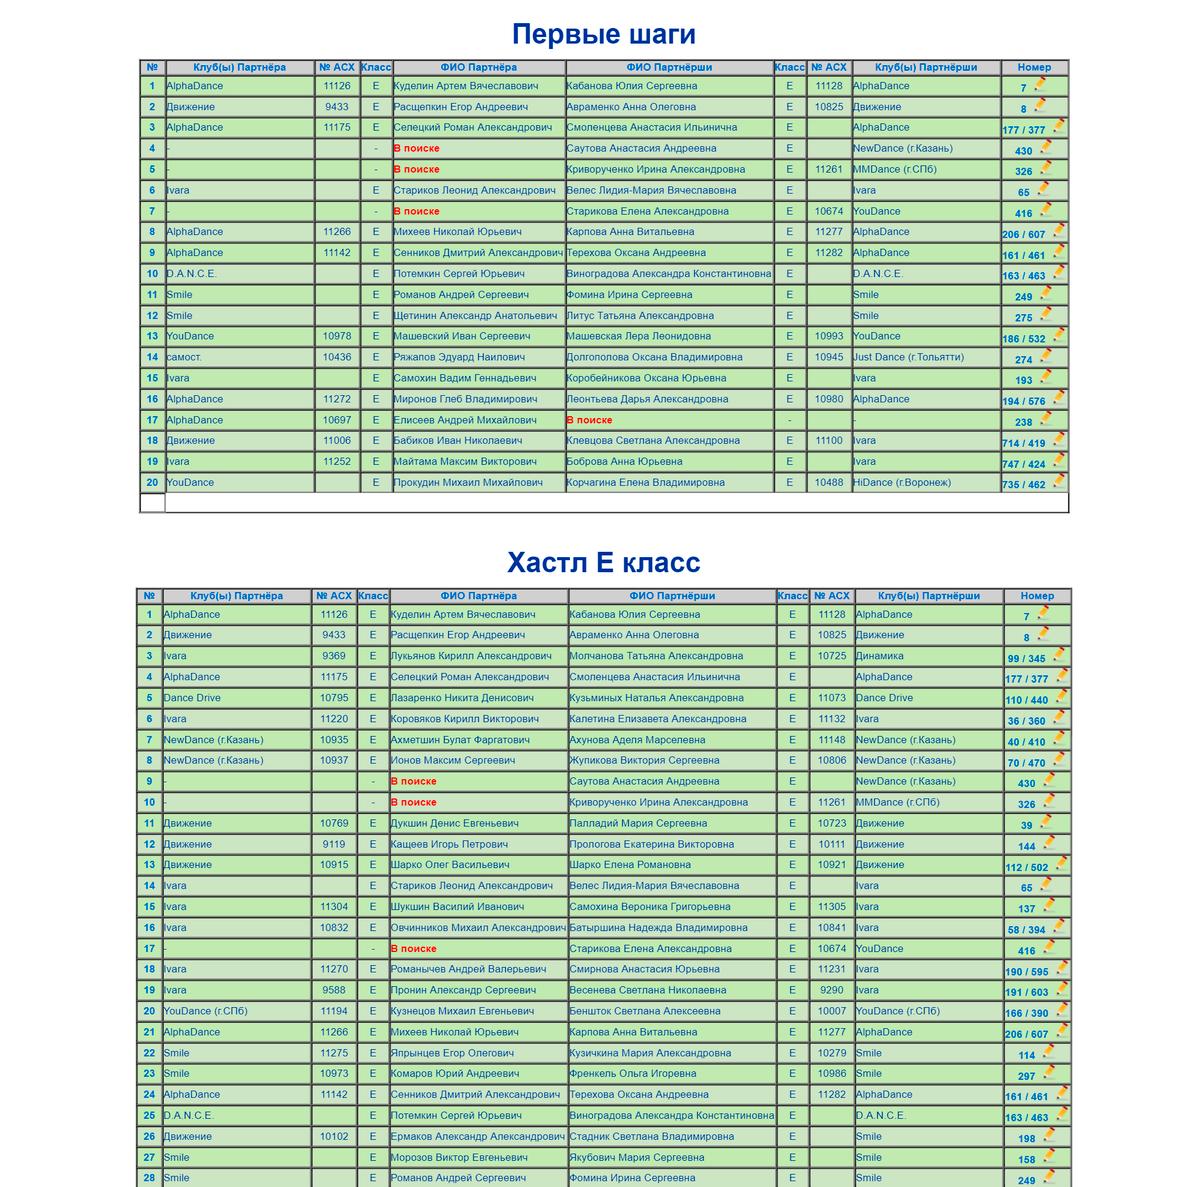 Чемпионат России — 2019. Крохотный кусочек списка участников. Всего в нем свыше 800человек, многие из которых танцевали сразу в нескольких номинациях, например и в классике, и в ДнД